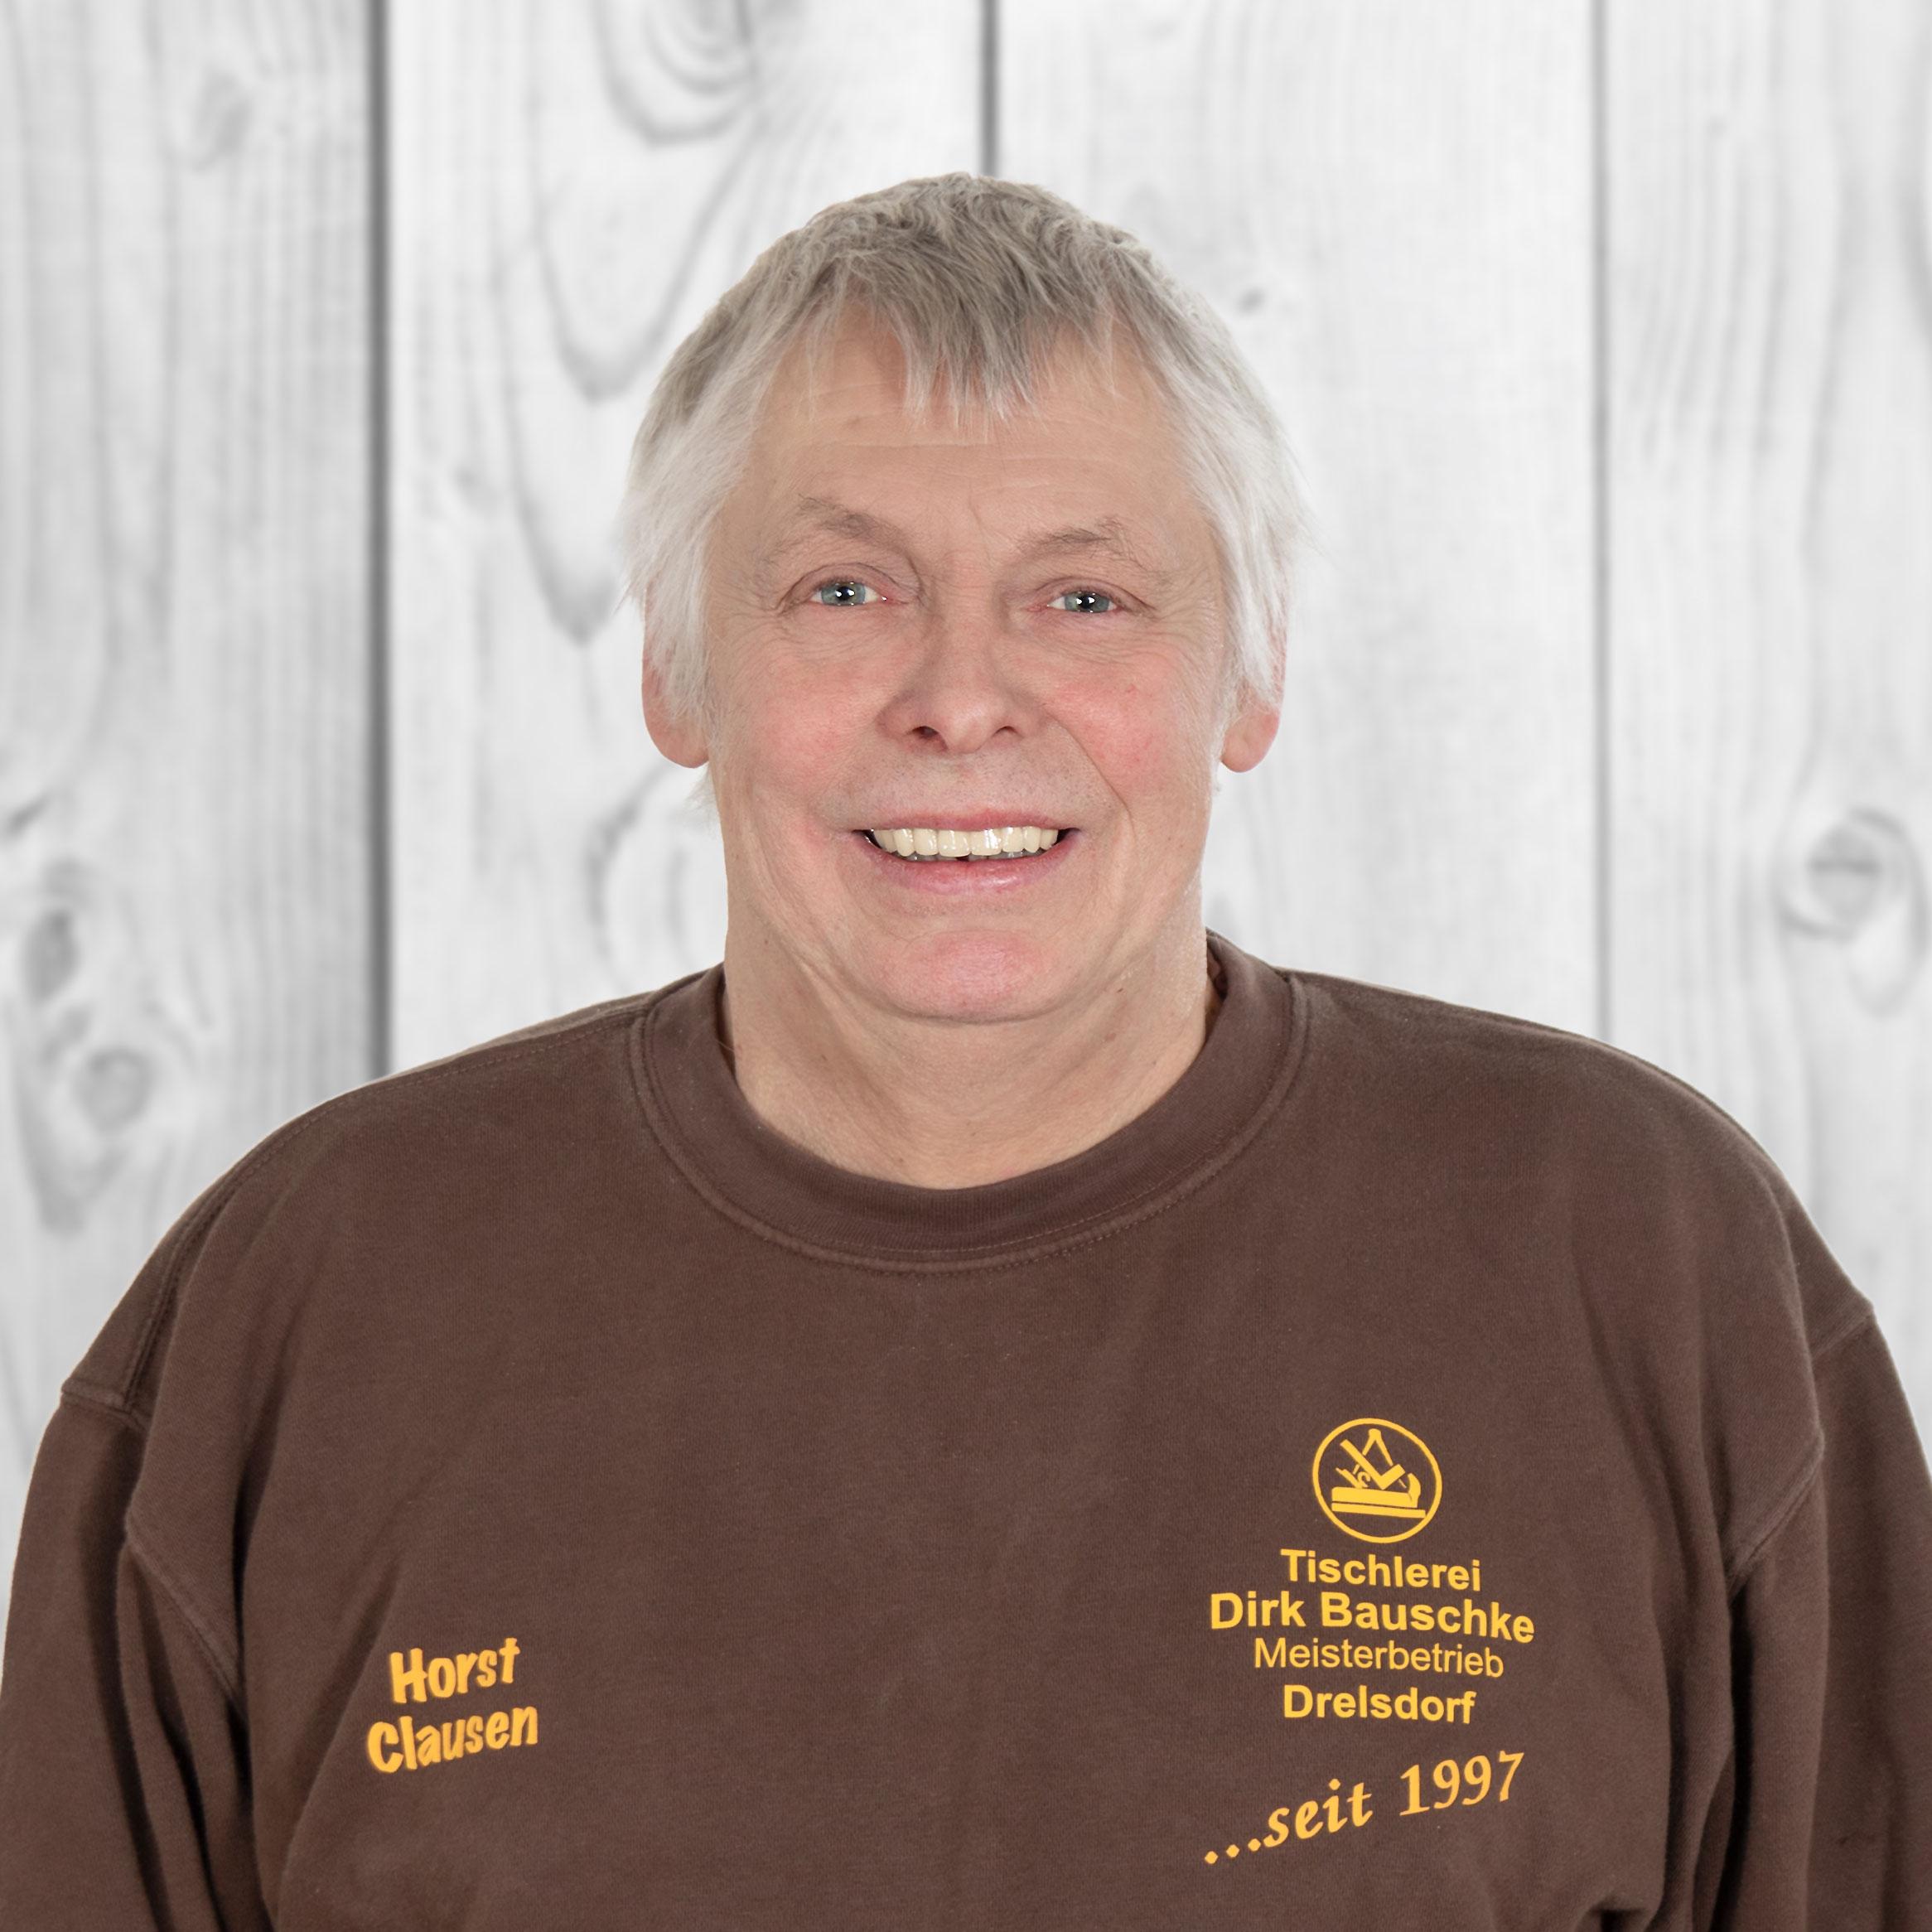 Horst Clausen